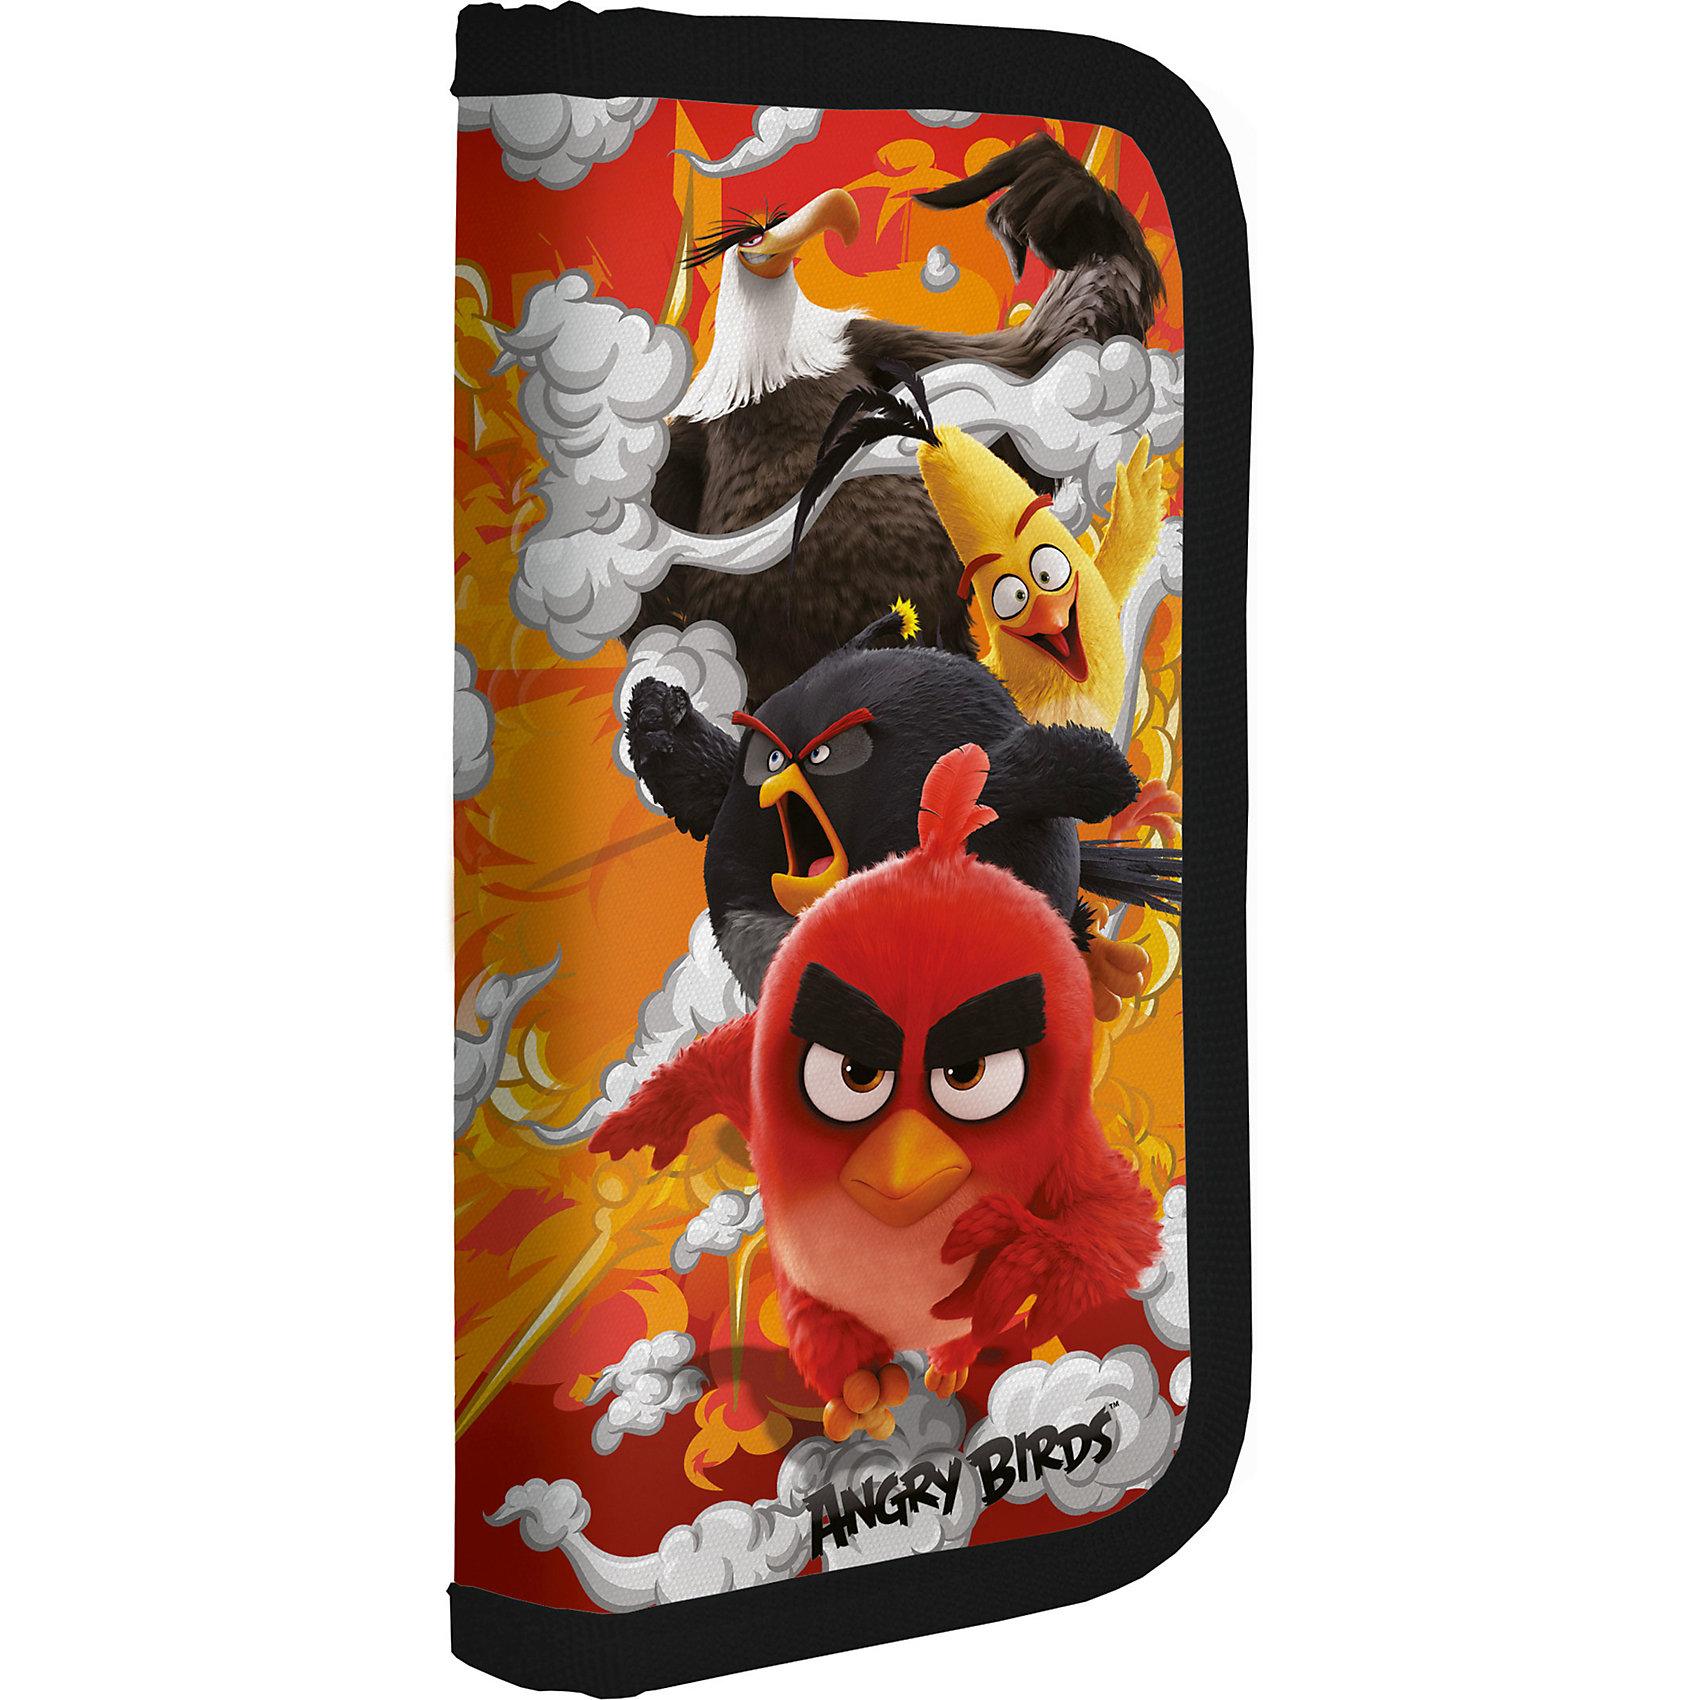 Пенал,  Angry BirdsЯркие канцелярские принадлежности с привлекательным дизайном сделают школьные занятия веселее и поднимут настроение маленькому школьнику. Жесткий, ламинированный пенал Angry Birds выполнен в яркой расцветке и украшен изображением забавных персонажей<br>популярной компьютерной игры Angry Birds. Внутри одно двухстворчатое отделение на молнии с резинками-держателями для письменных принадлежностей.<br><br><br>Дополнительная информация:<br><br>- Материал: полиэстер.<br>- Размер: 20 х 3 х 9 см.<br>- Вес: 100 гр.<br><br>Пенал, Angry Birds, можно купить в нашем интернет-магазине.<br><br>Ширина мм: 200<br>Глубина мм: 90<br>Высота мм: 30<br>Вес г: 100<br>Возраст от месяцев: 96<br>Возраст до месяцев: 108<br>Пол: Мужской<br>Возраст: Детский<br>SKU: 4681120